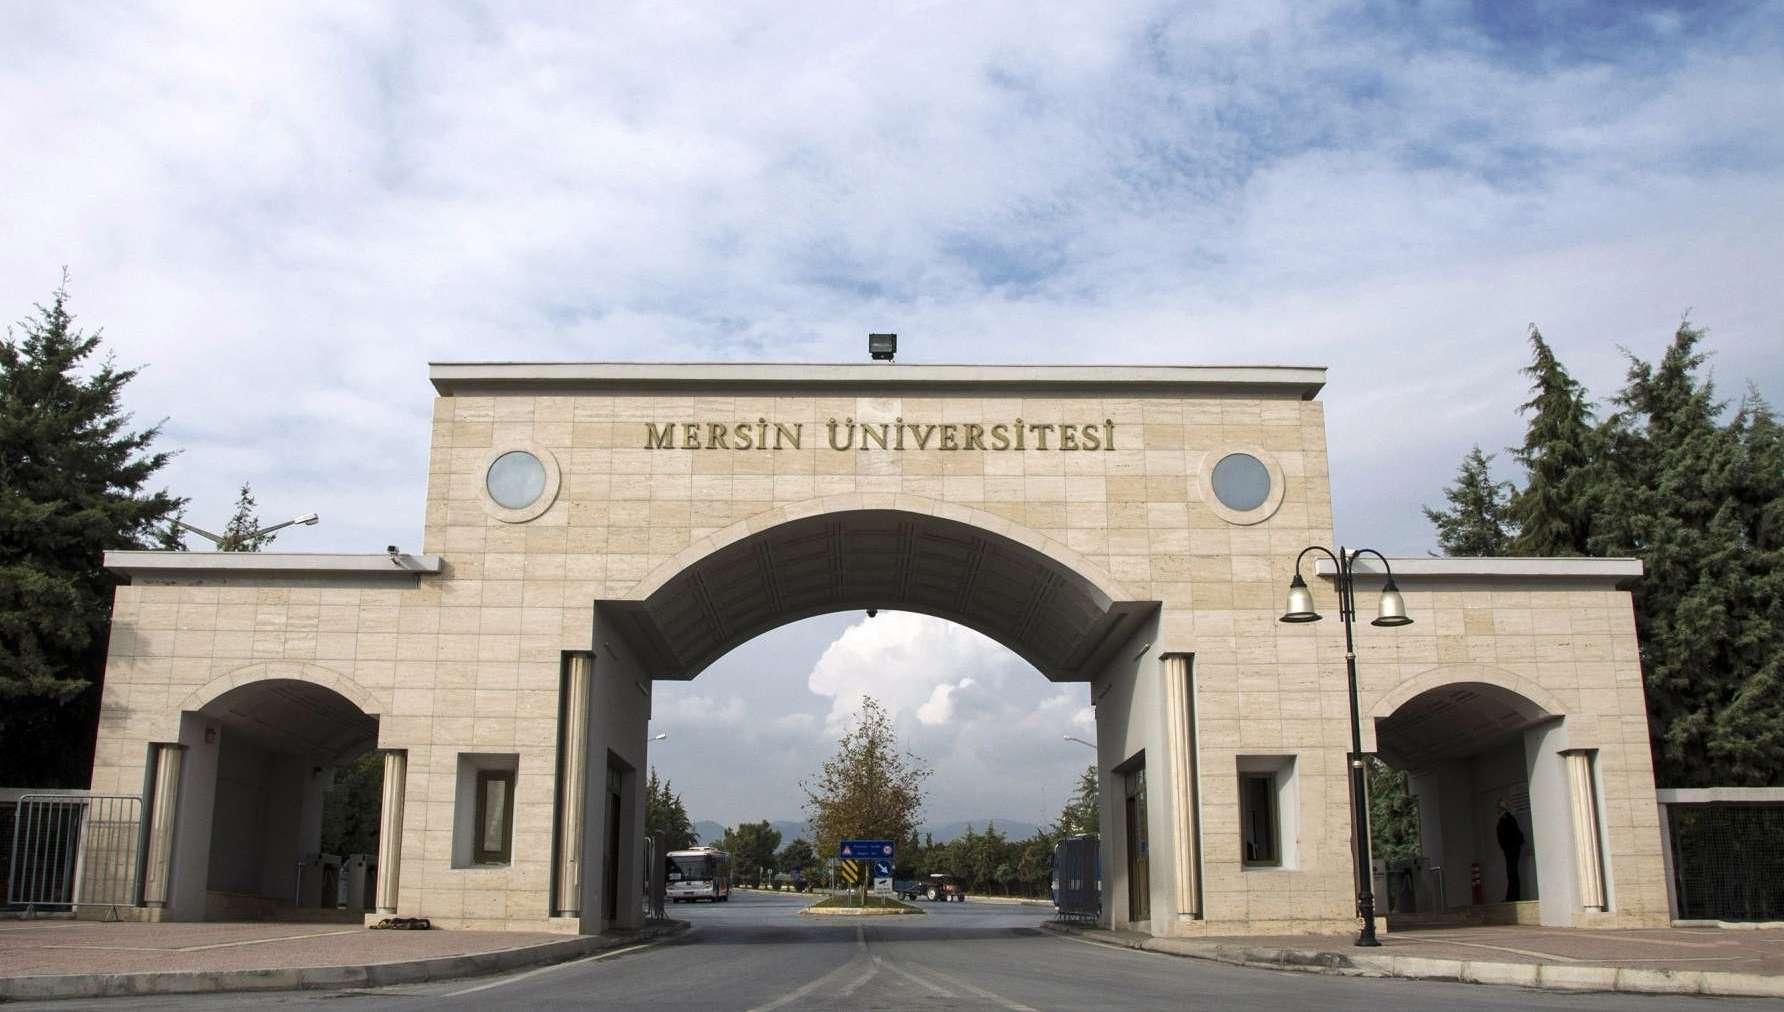 Mersin Üniversitesi